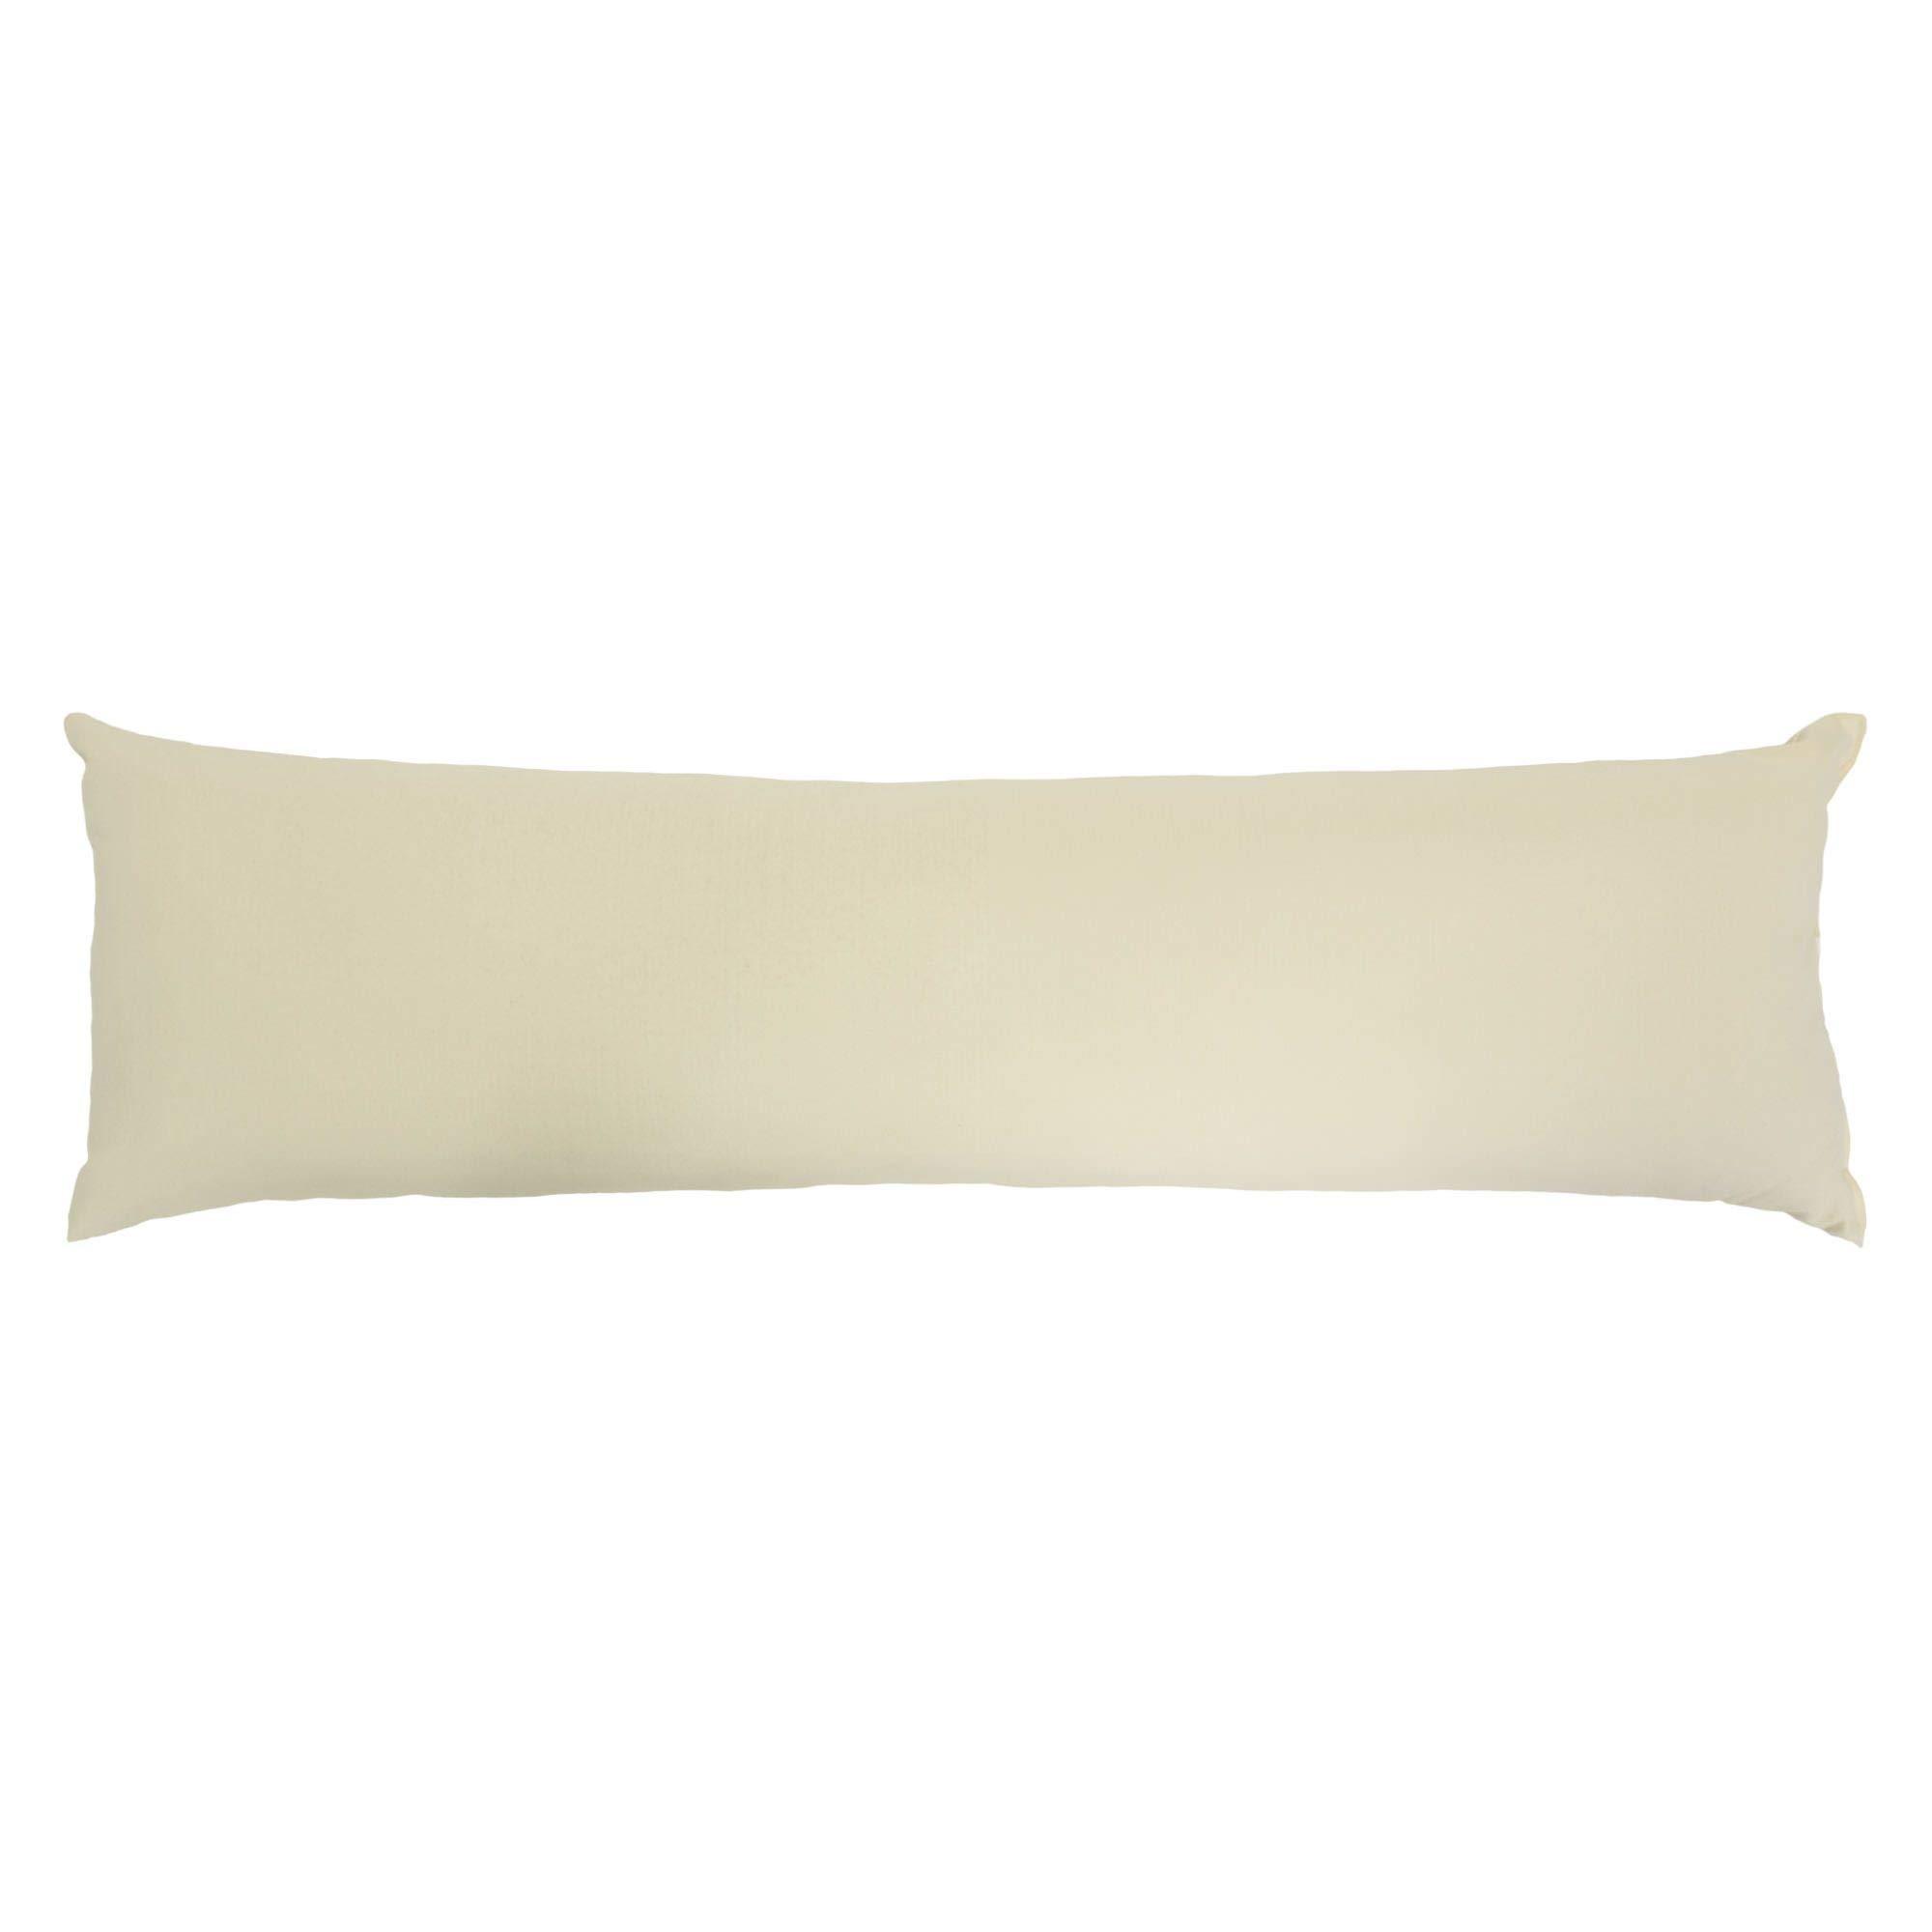 Hatteras Hammocks 52 Inch Long Hammock Pillow - Cream by Hatteras Hammocks (Image #1)